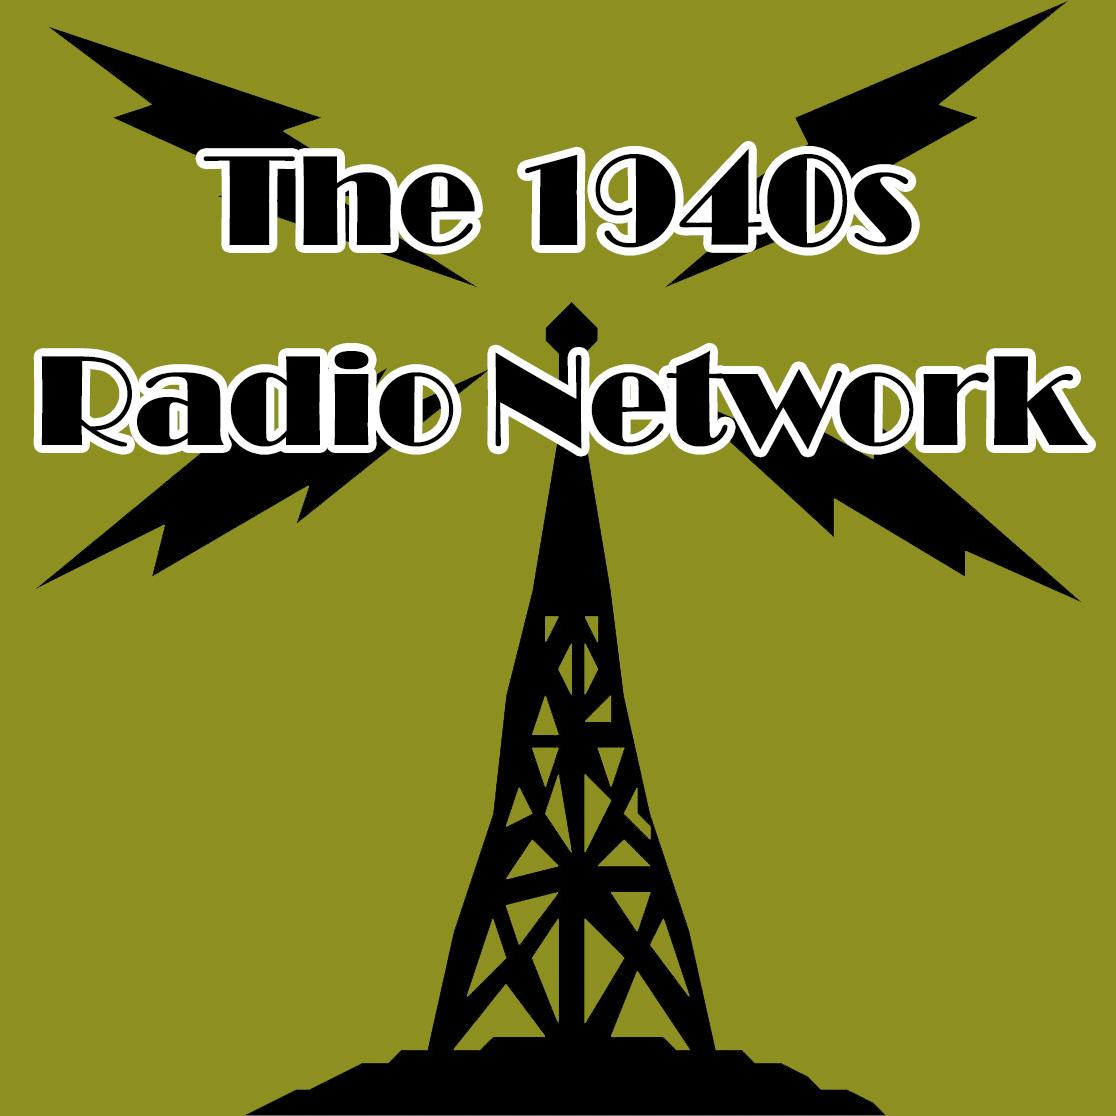 1940s Radio Network - OTR